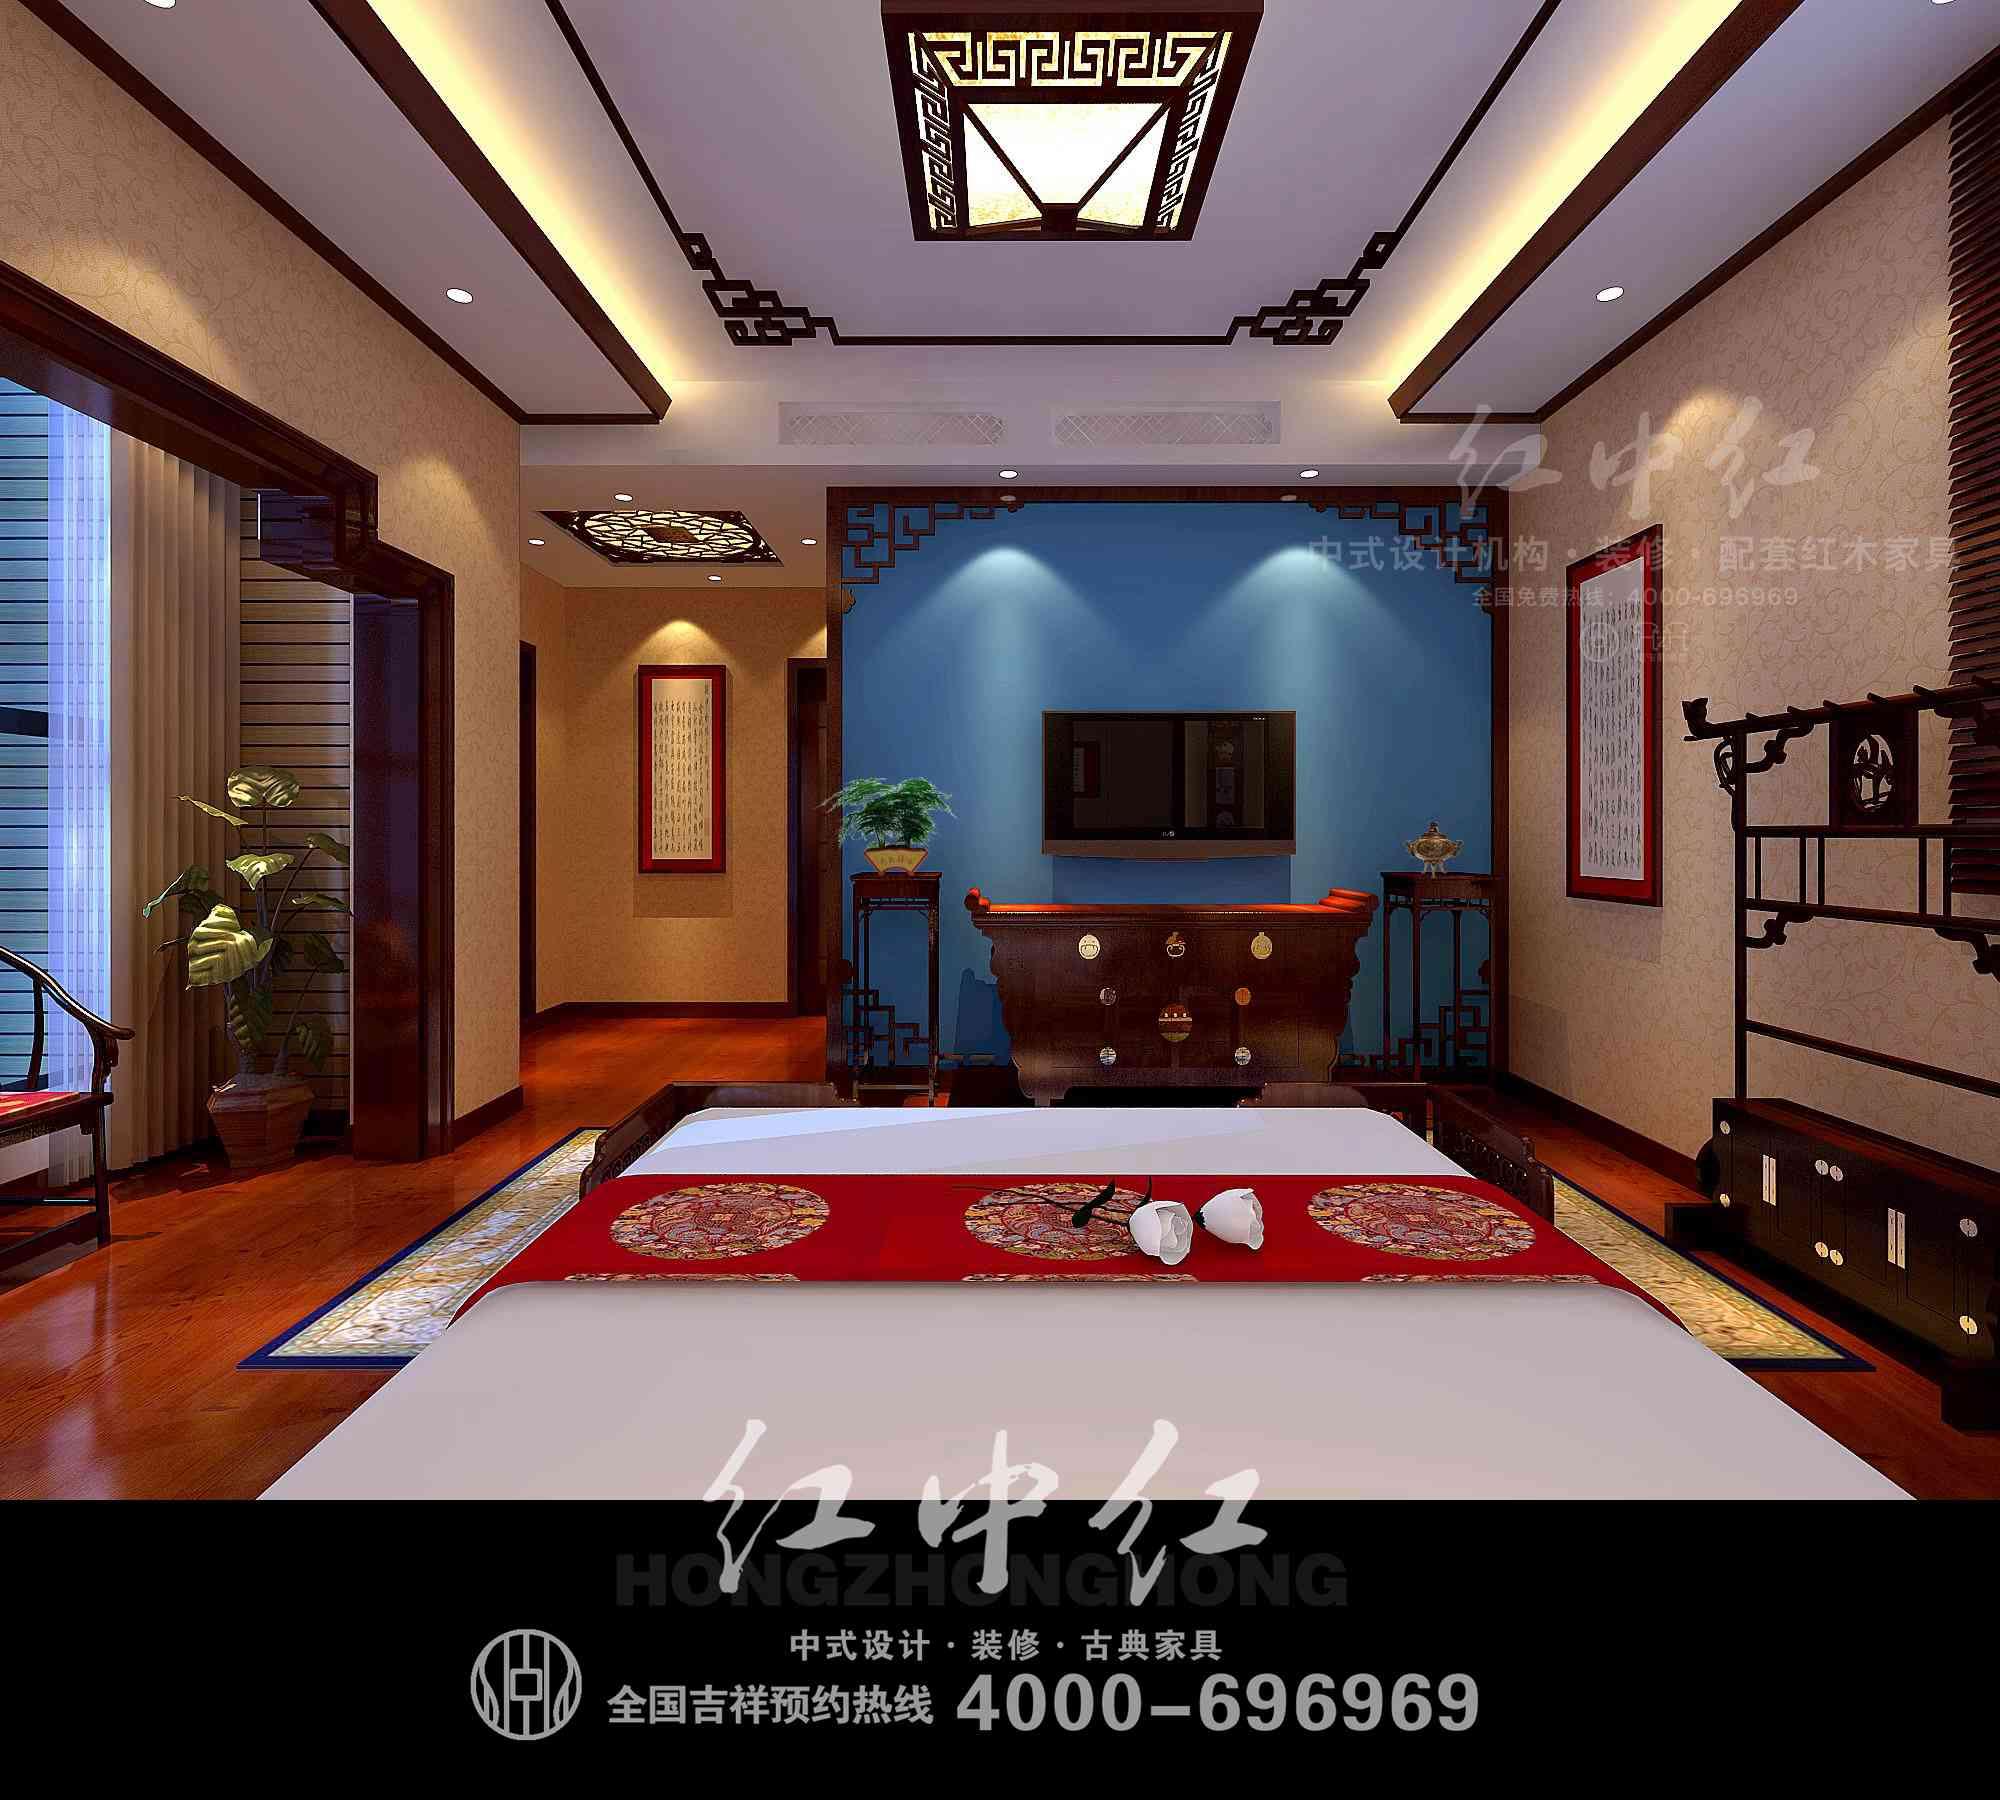 中式别墅设计效果图—古典与现代的完美融合